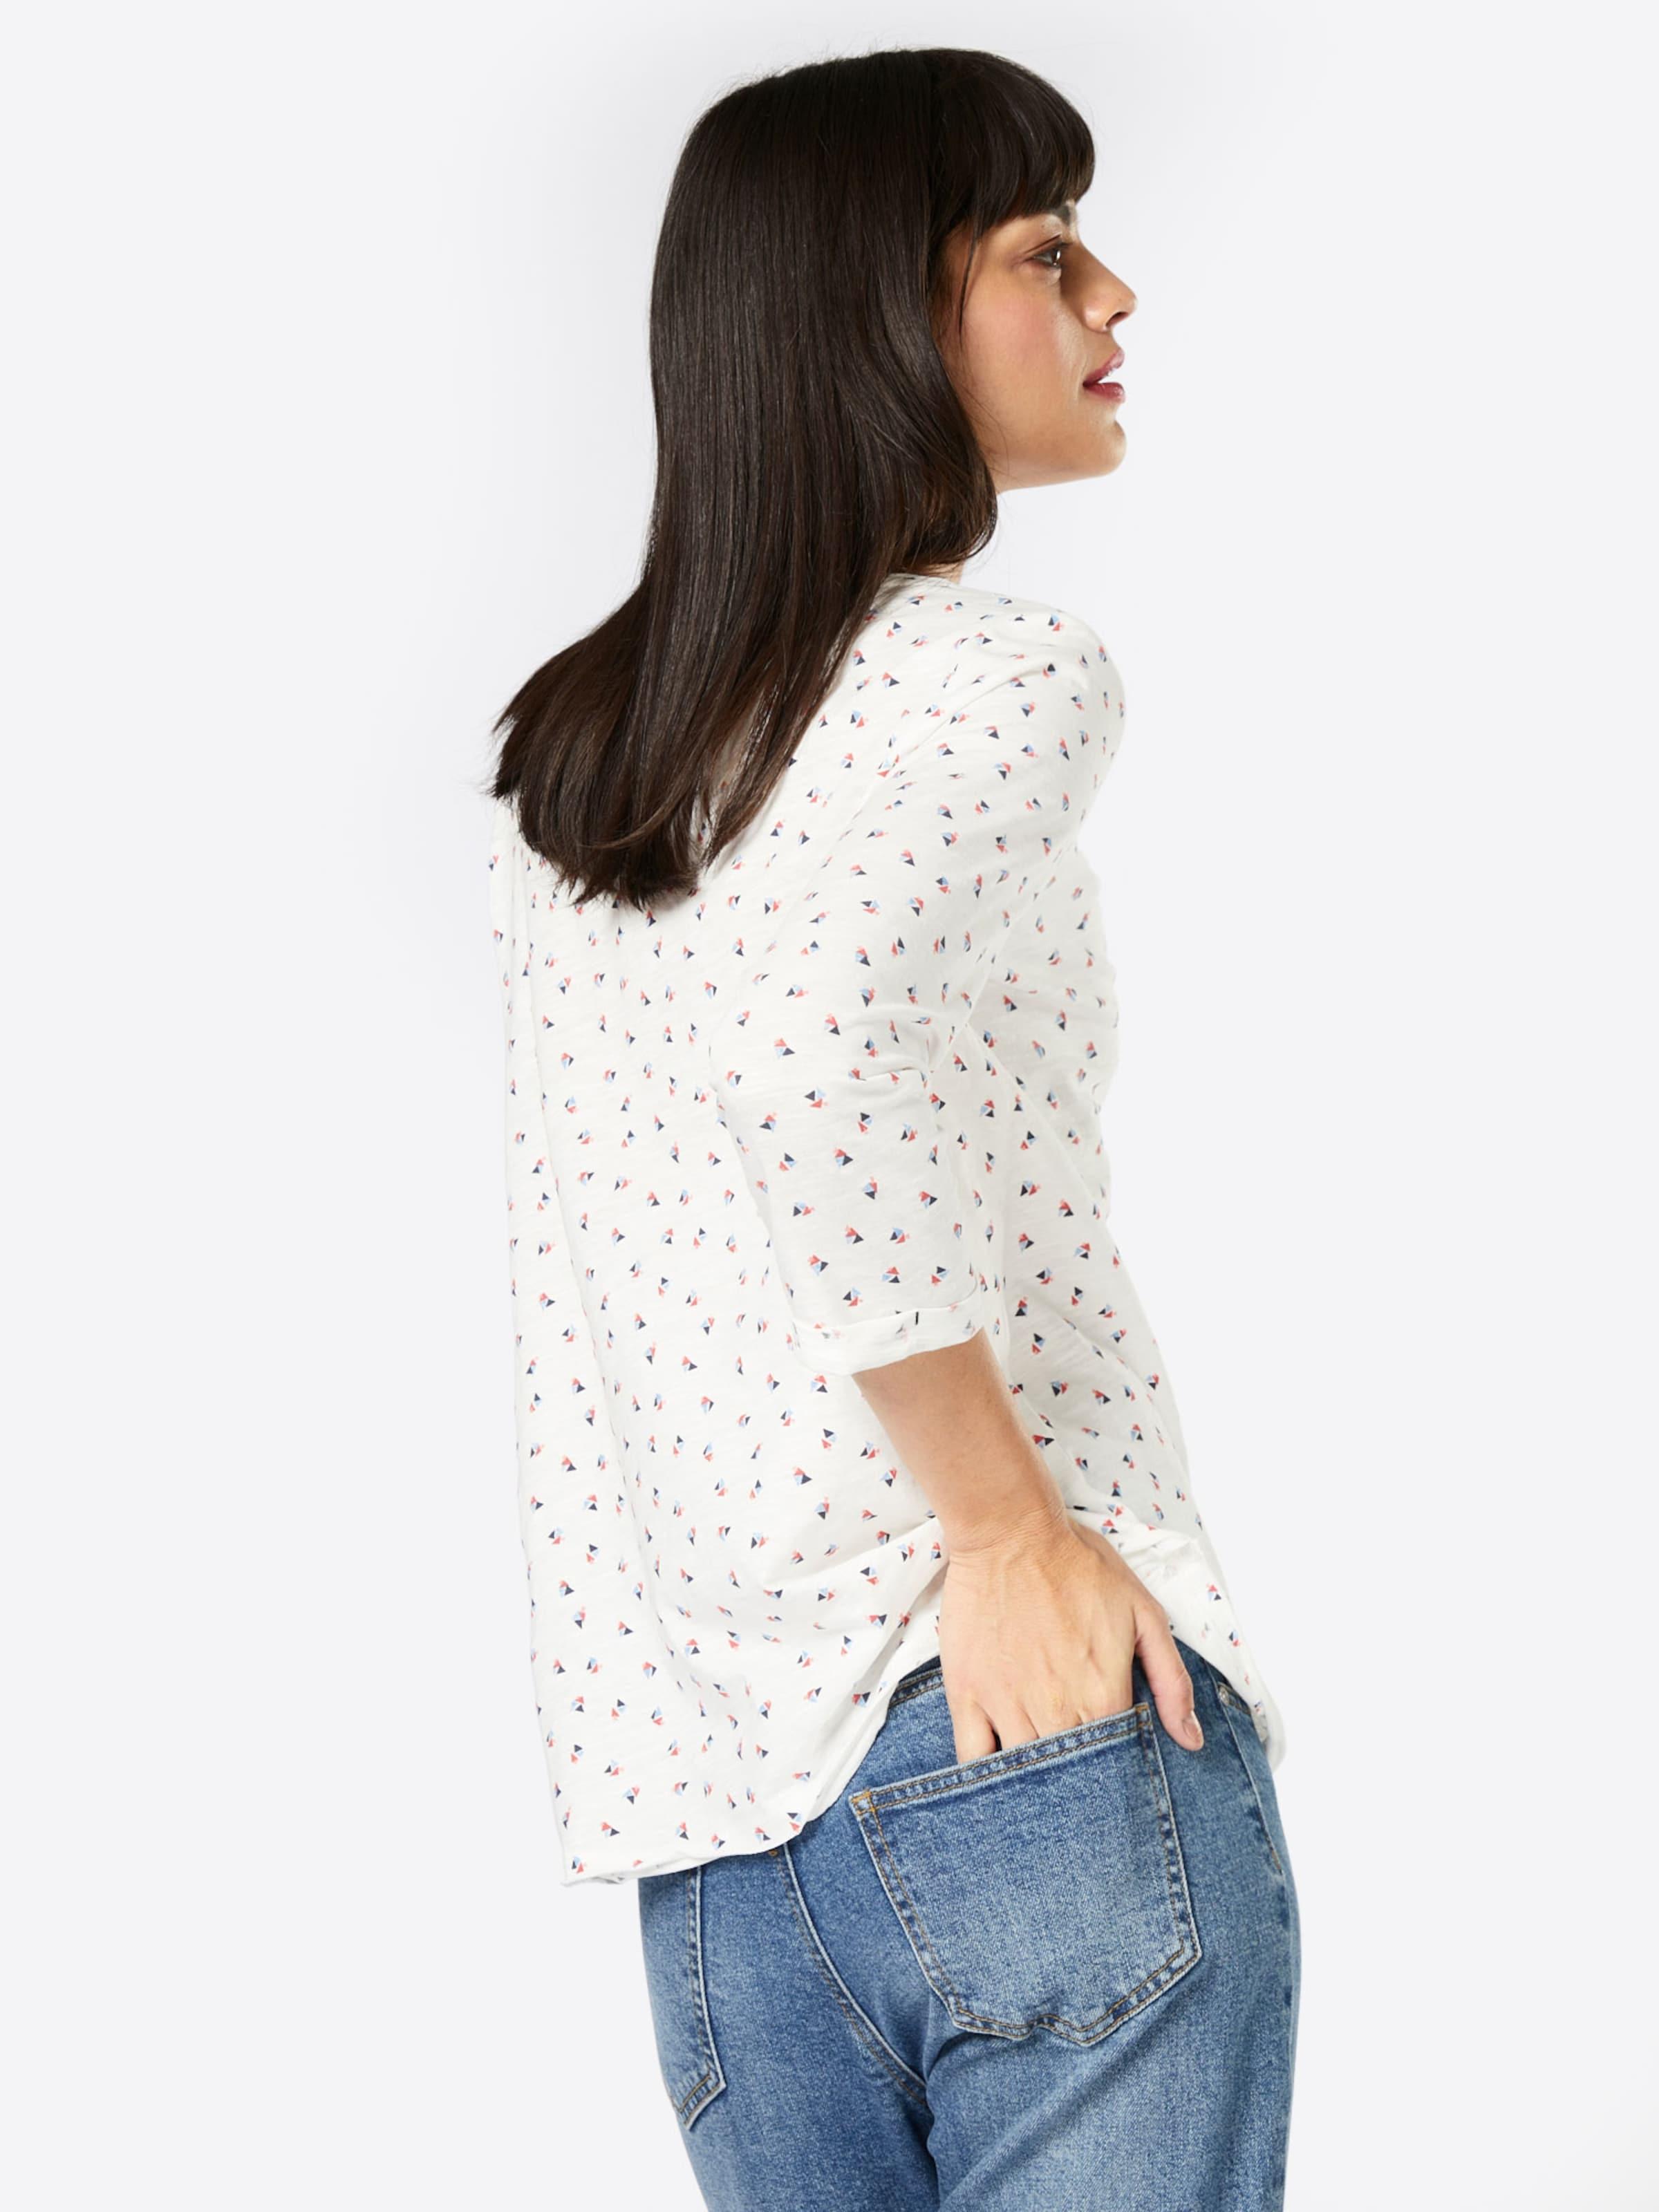 ESPRIT Shirt Billig Verkauf Großhandelspreis In Deutschland Günstigem Preis YztU0hC1o